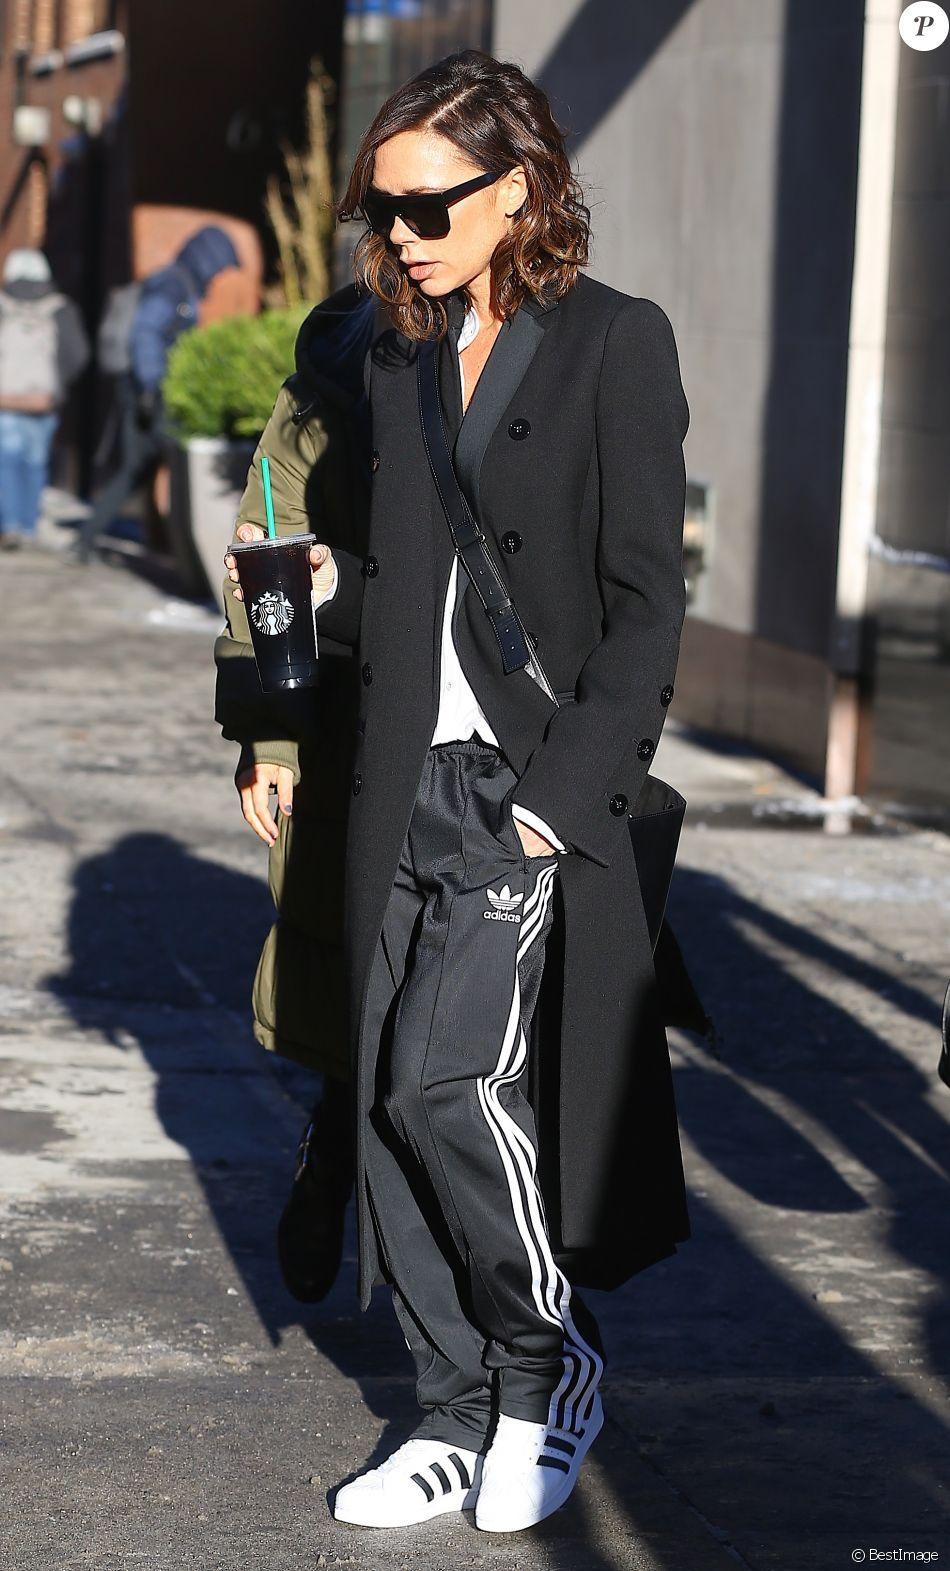 PHOTOS - Victoria Beckham, toute de Victoria Beckham (sac Half Moon) et d'adidas Originals vêtue à New York le 10 février 2017. #fallbeauty